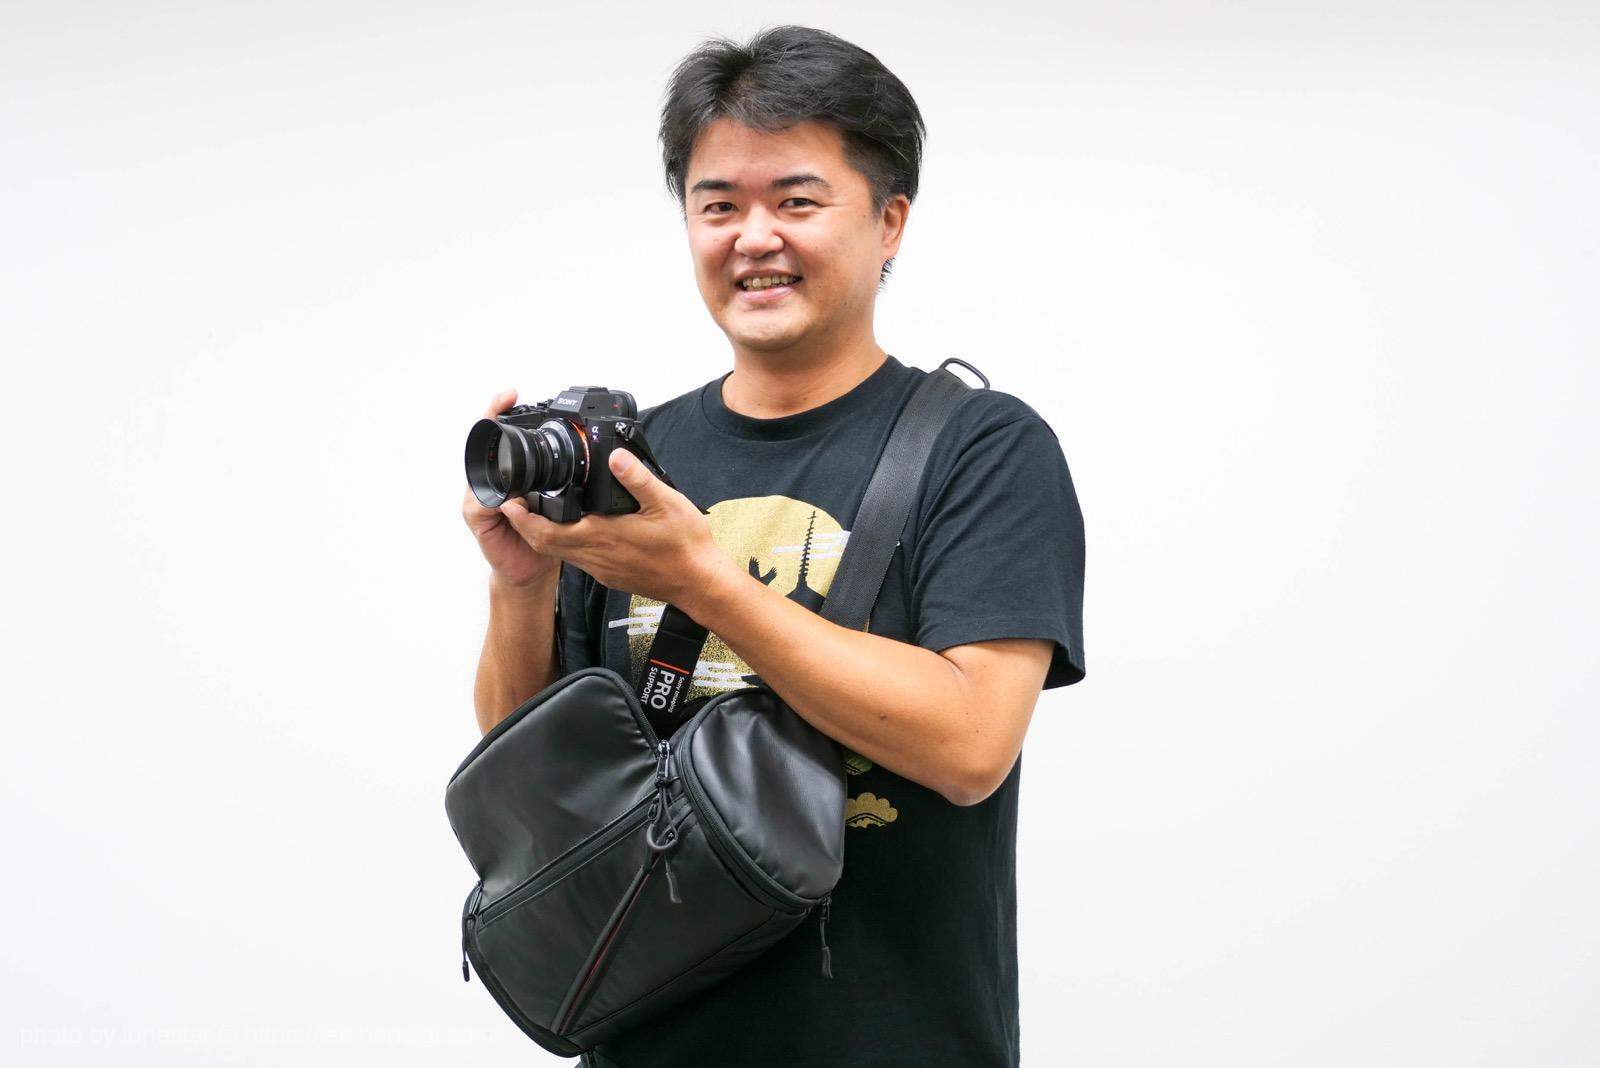 例のカメラバッグ レビュー